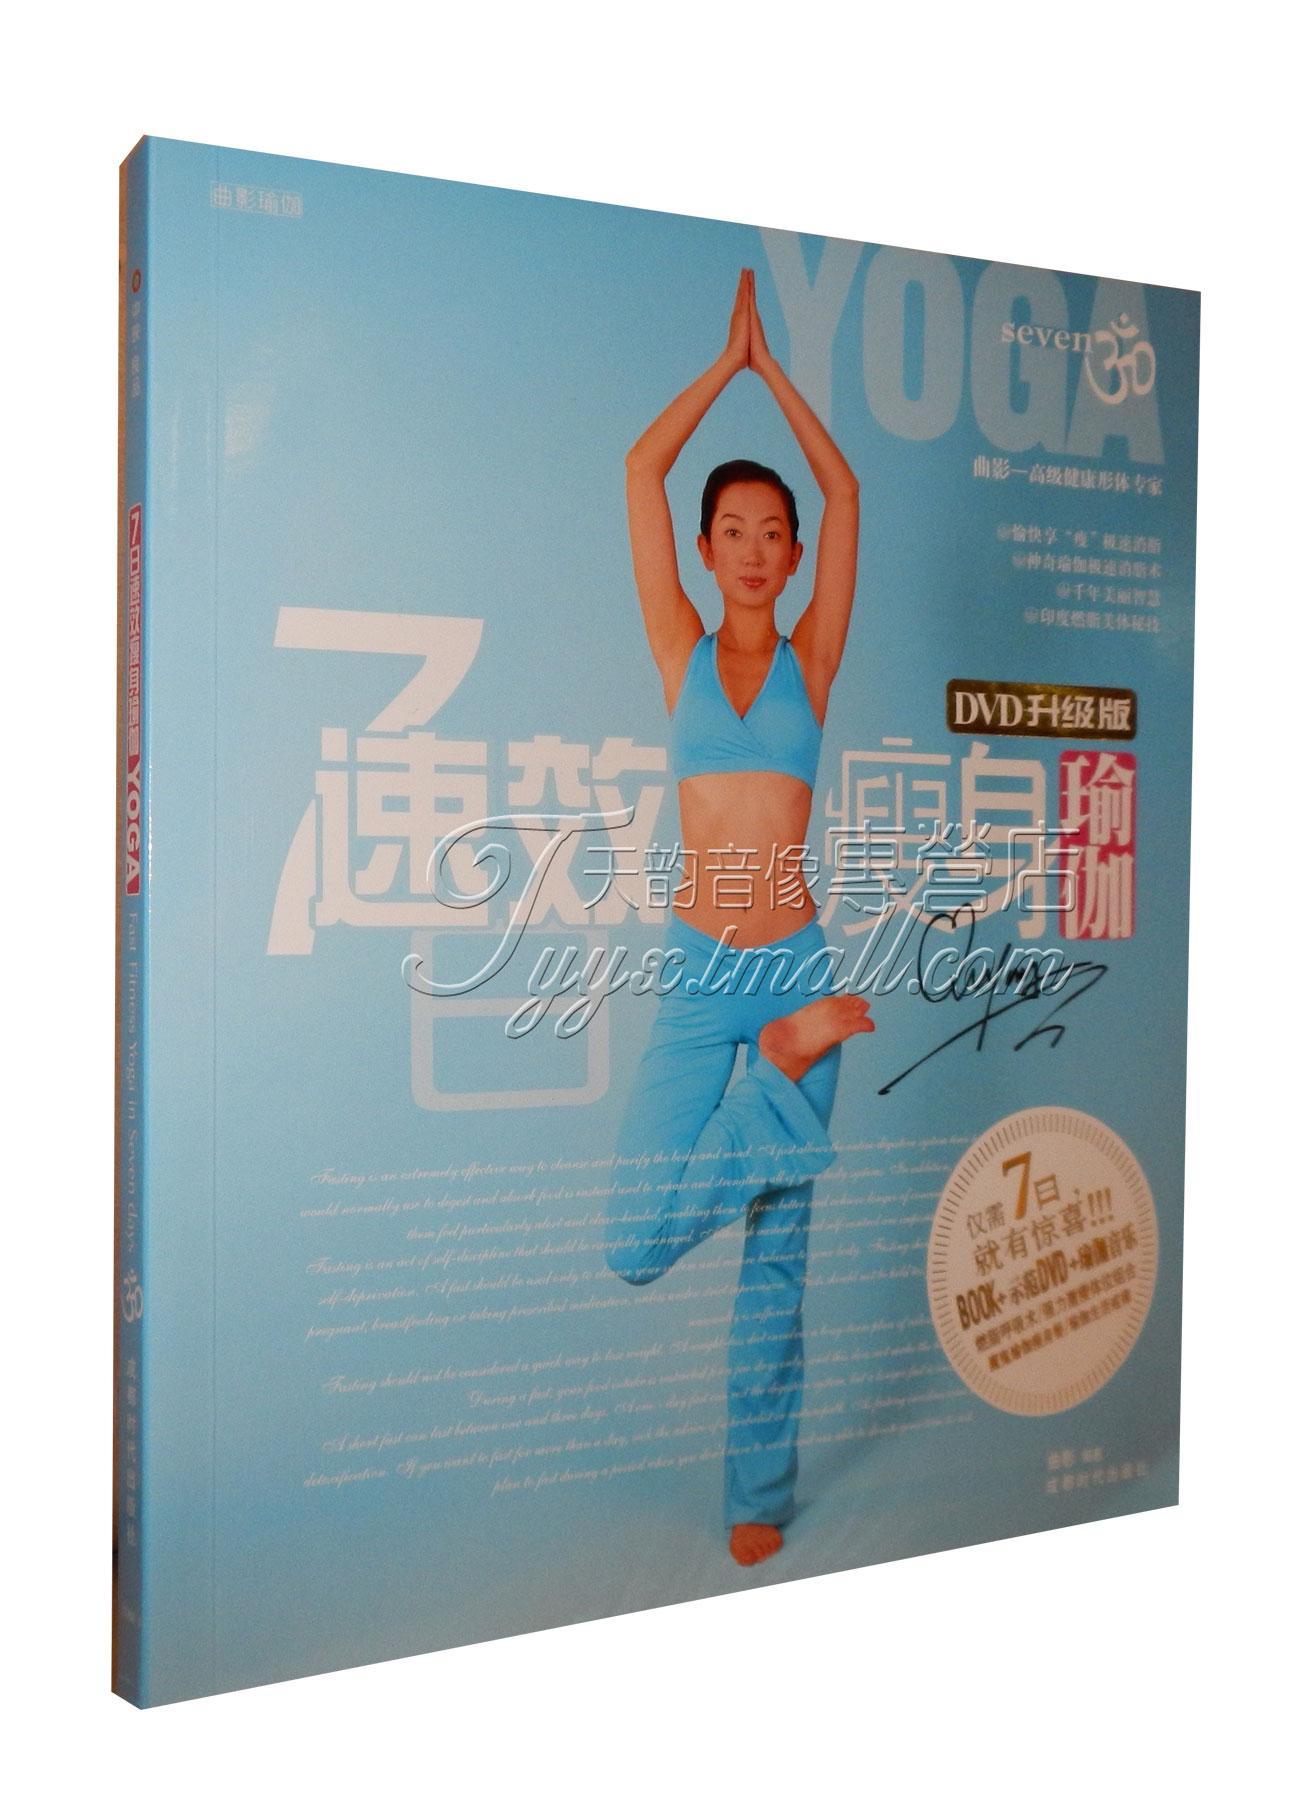 高清经典聪明的一休哥和尚dvd(1-150集)赠送12张动画碟片国日语